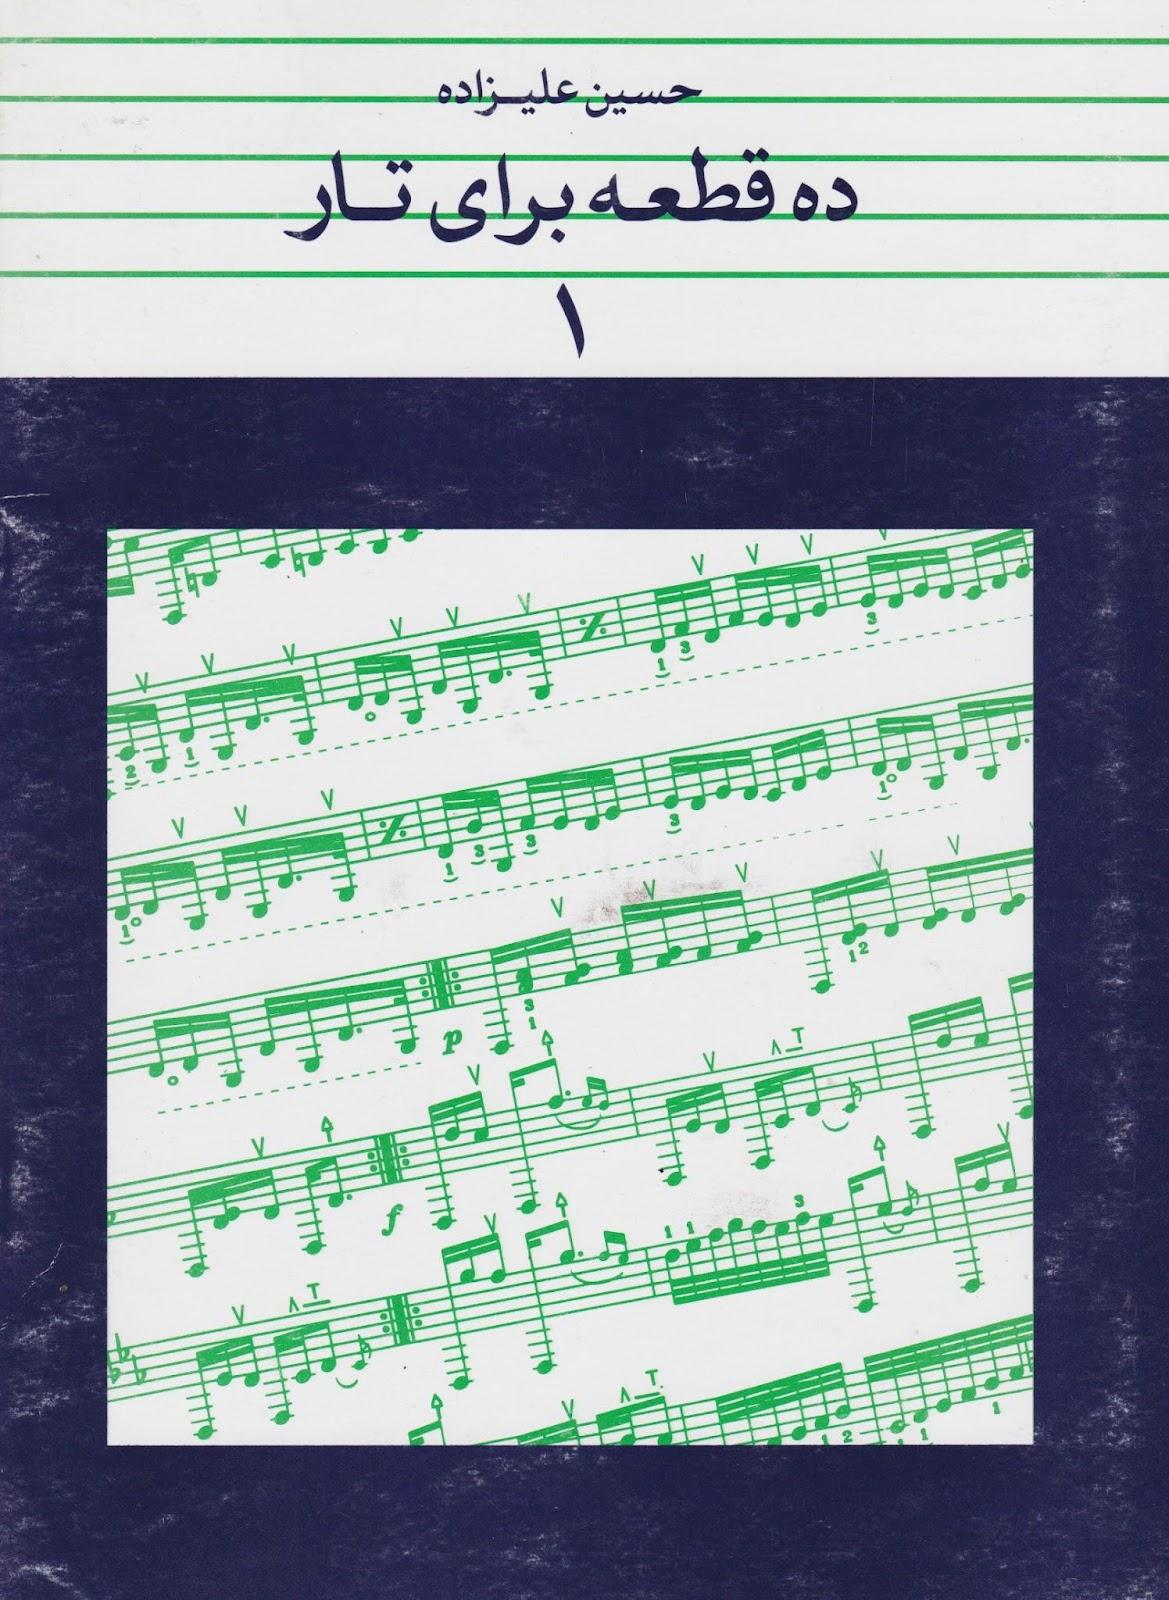 کتاب ده قطعه برای تار ۱ حسین علیزاده انتشارات ماهور